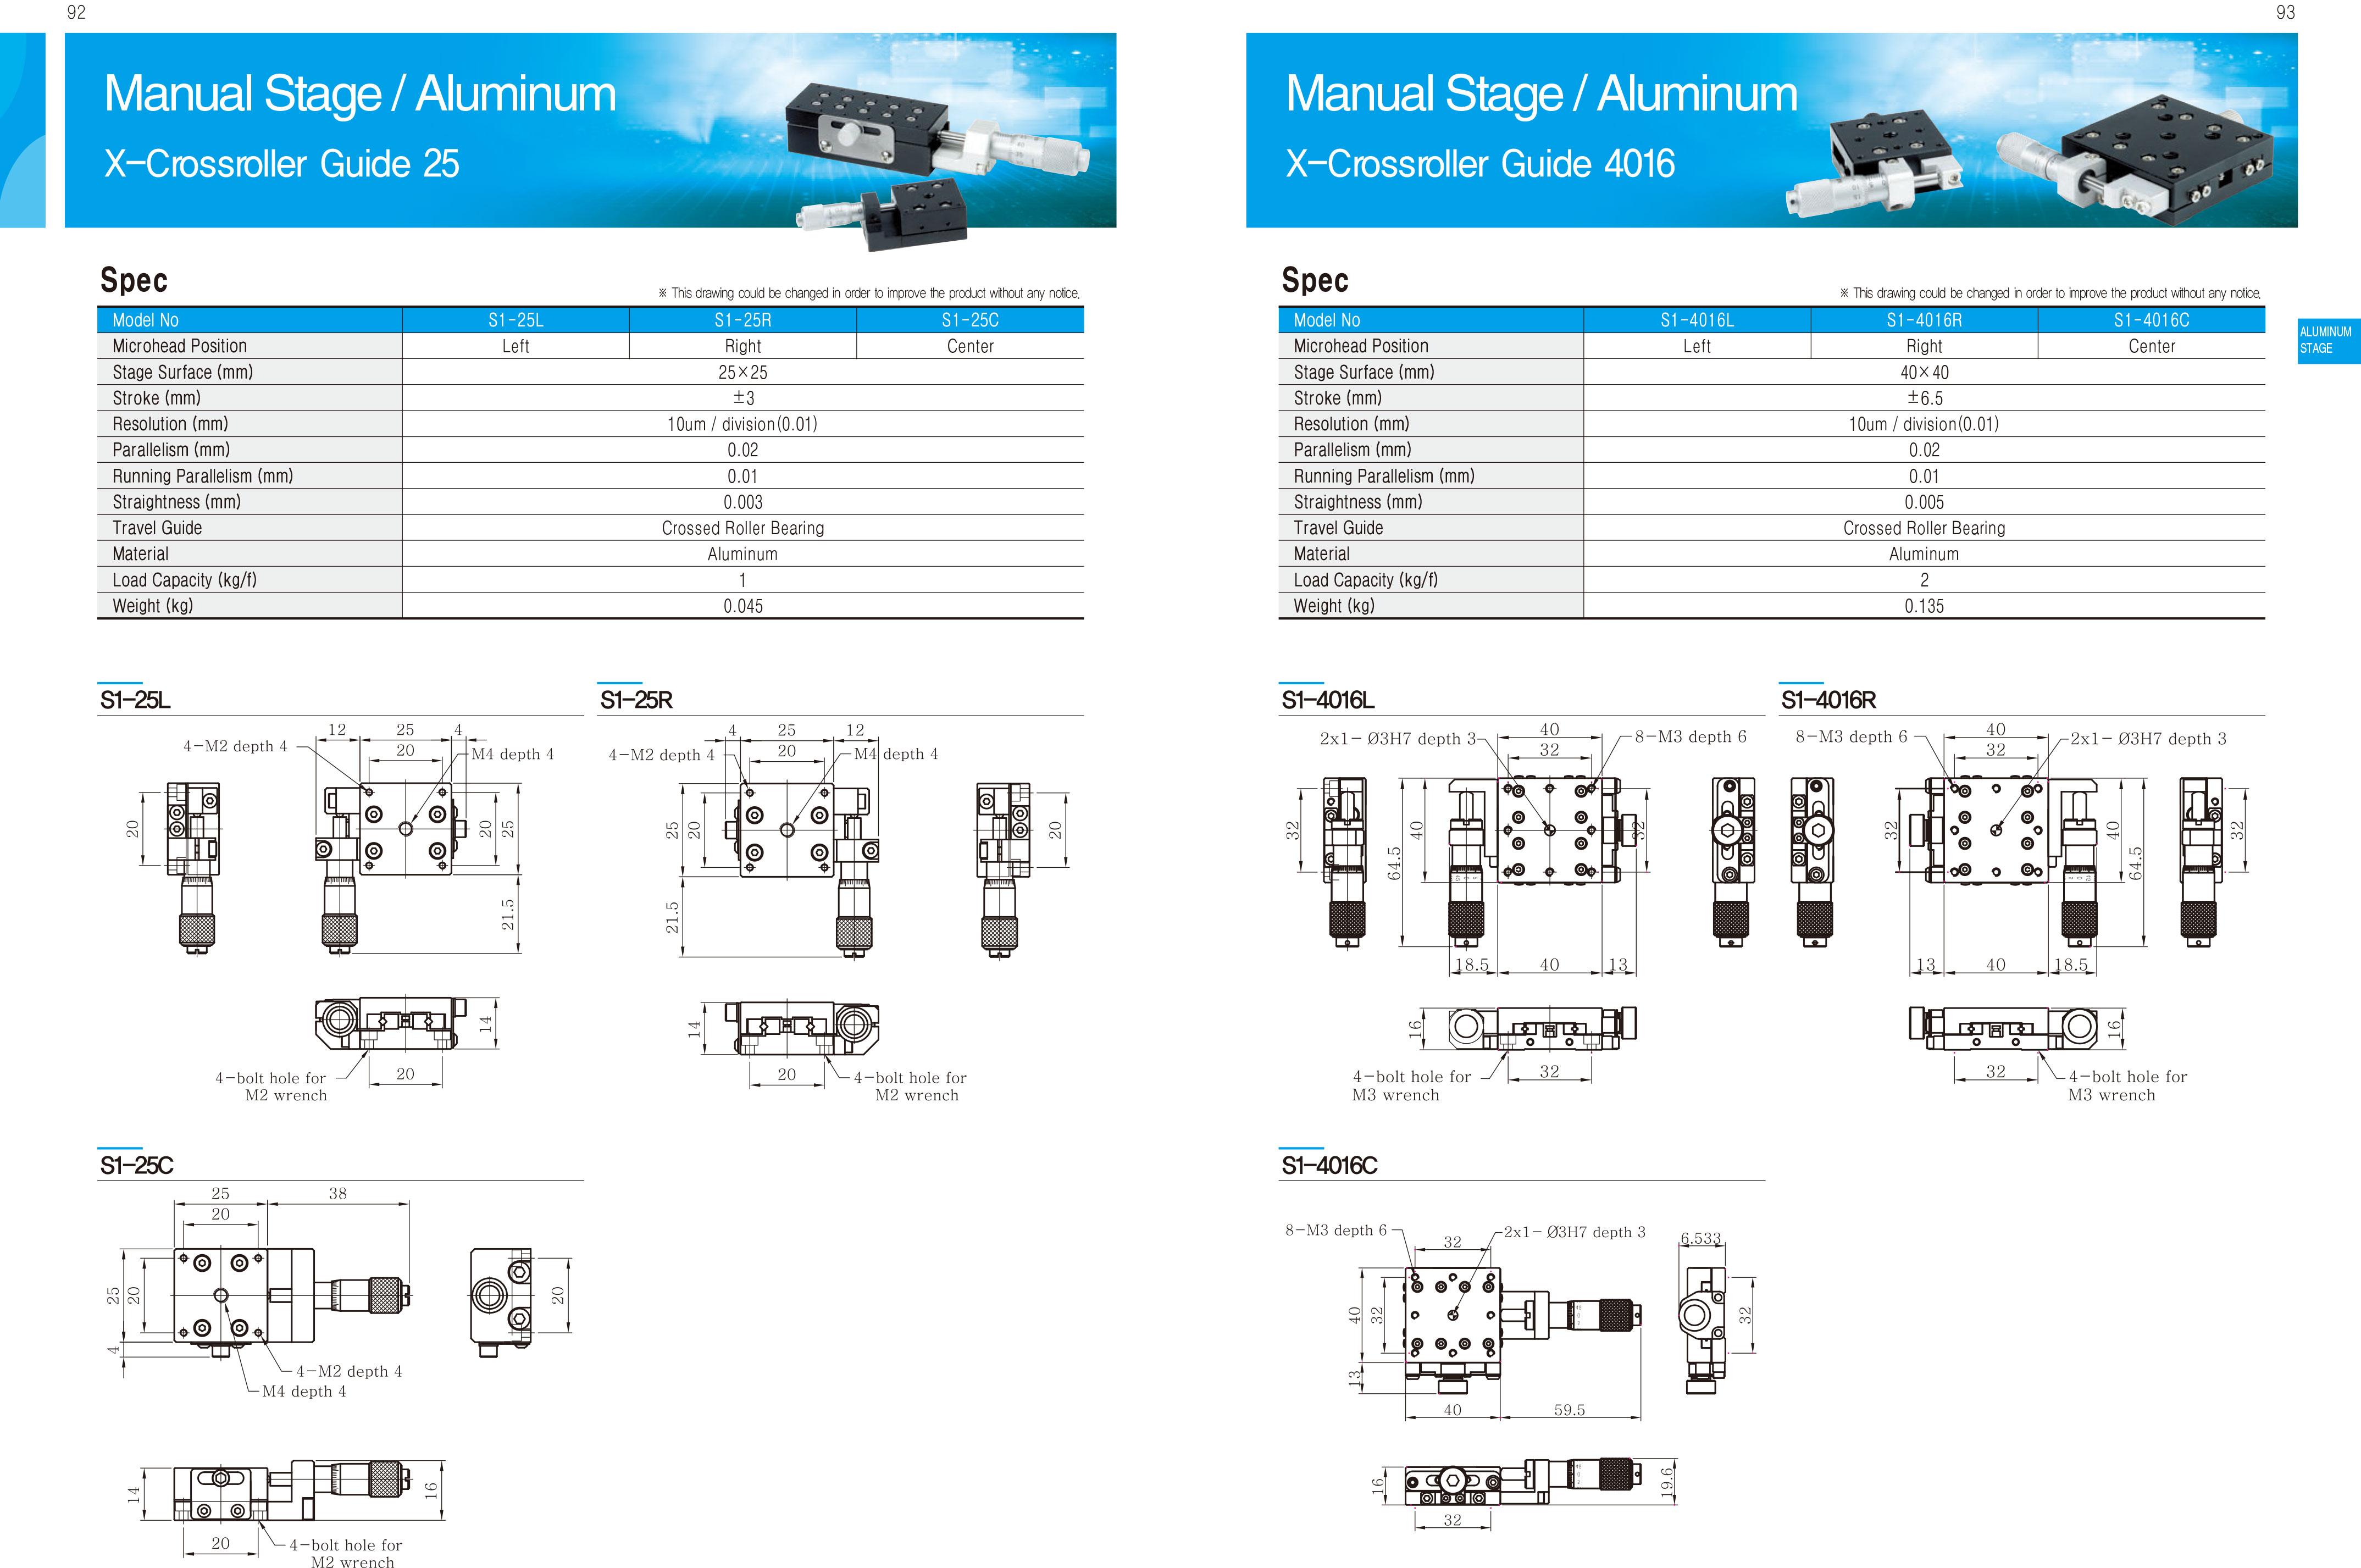 DPIN-Aluminum-精密滑台-2